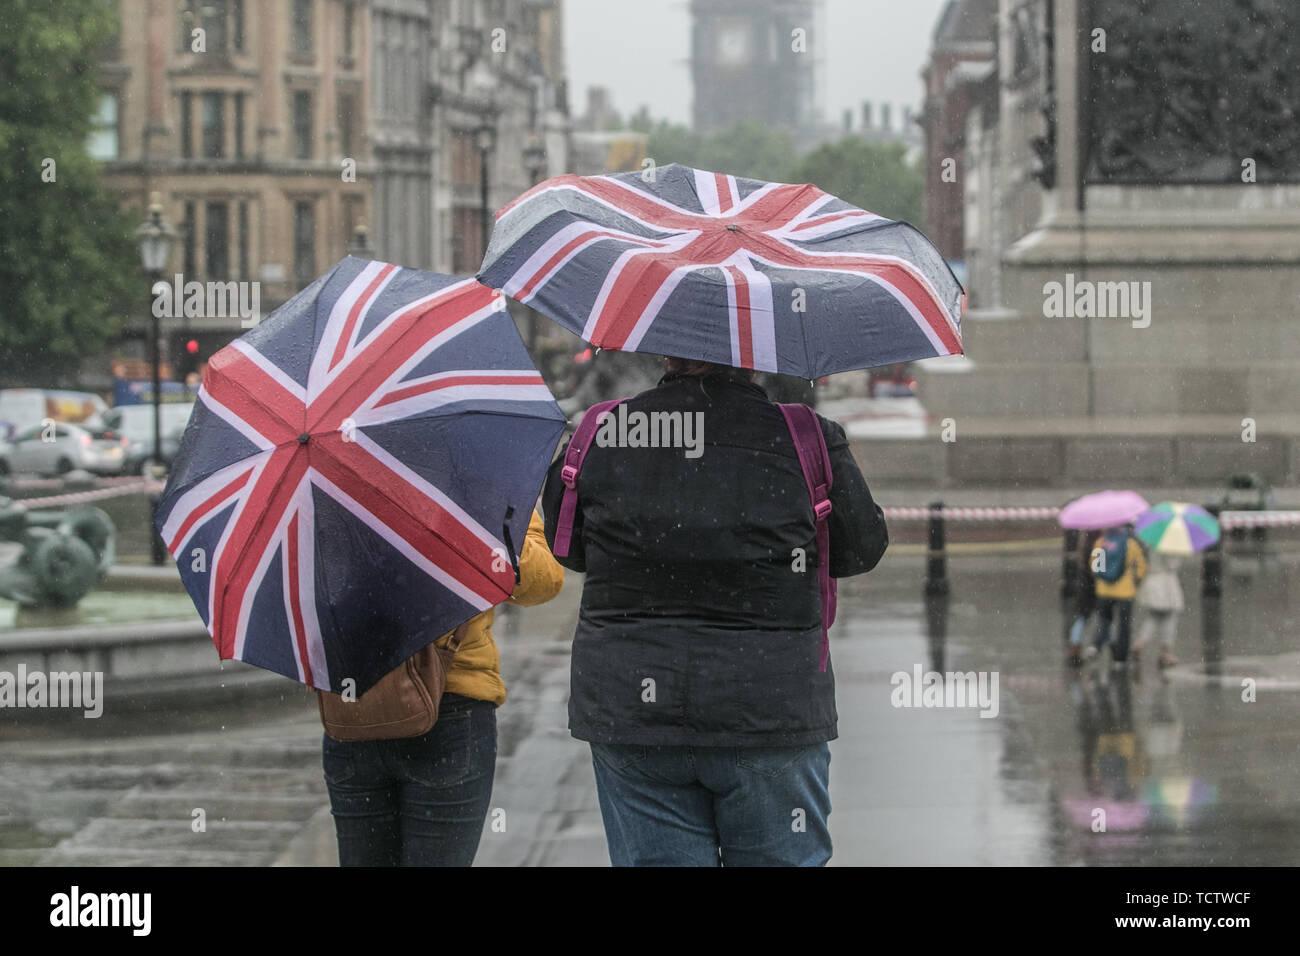 Londres, Royaume-Uni. 10 Juin, 2019. Les piétons braver les fortes pluies à Trafalgar Square sur un temps froid et pluvieux à Londres: Crédit amer ghazzal/Alamy Live News Photo Stock